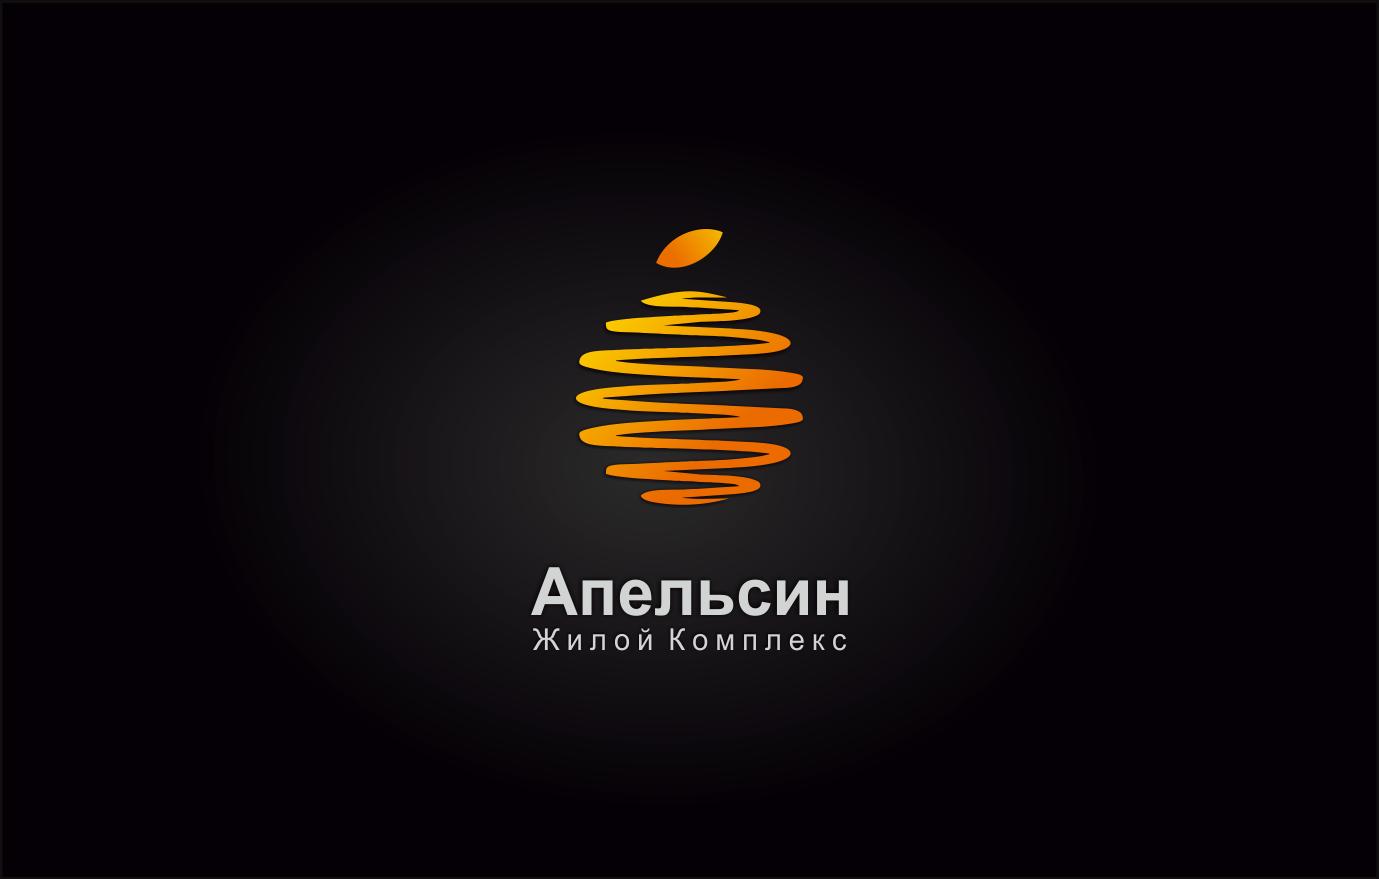 Логотип и фирменный стиль фото f_9275a6f10bb4beb2.png